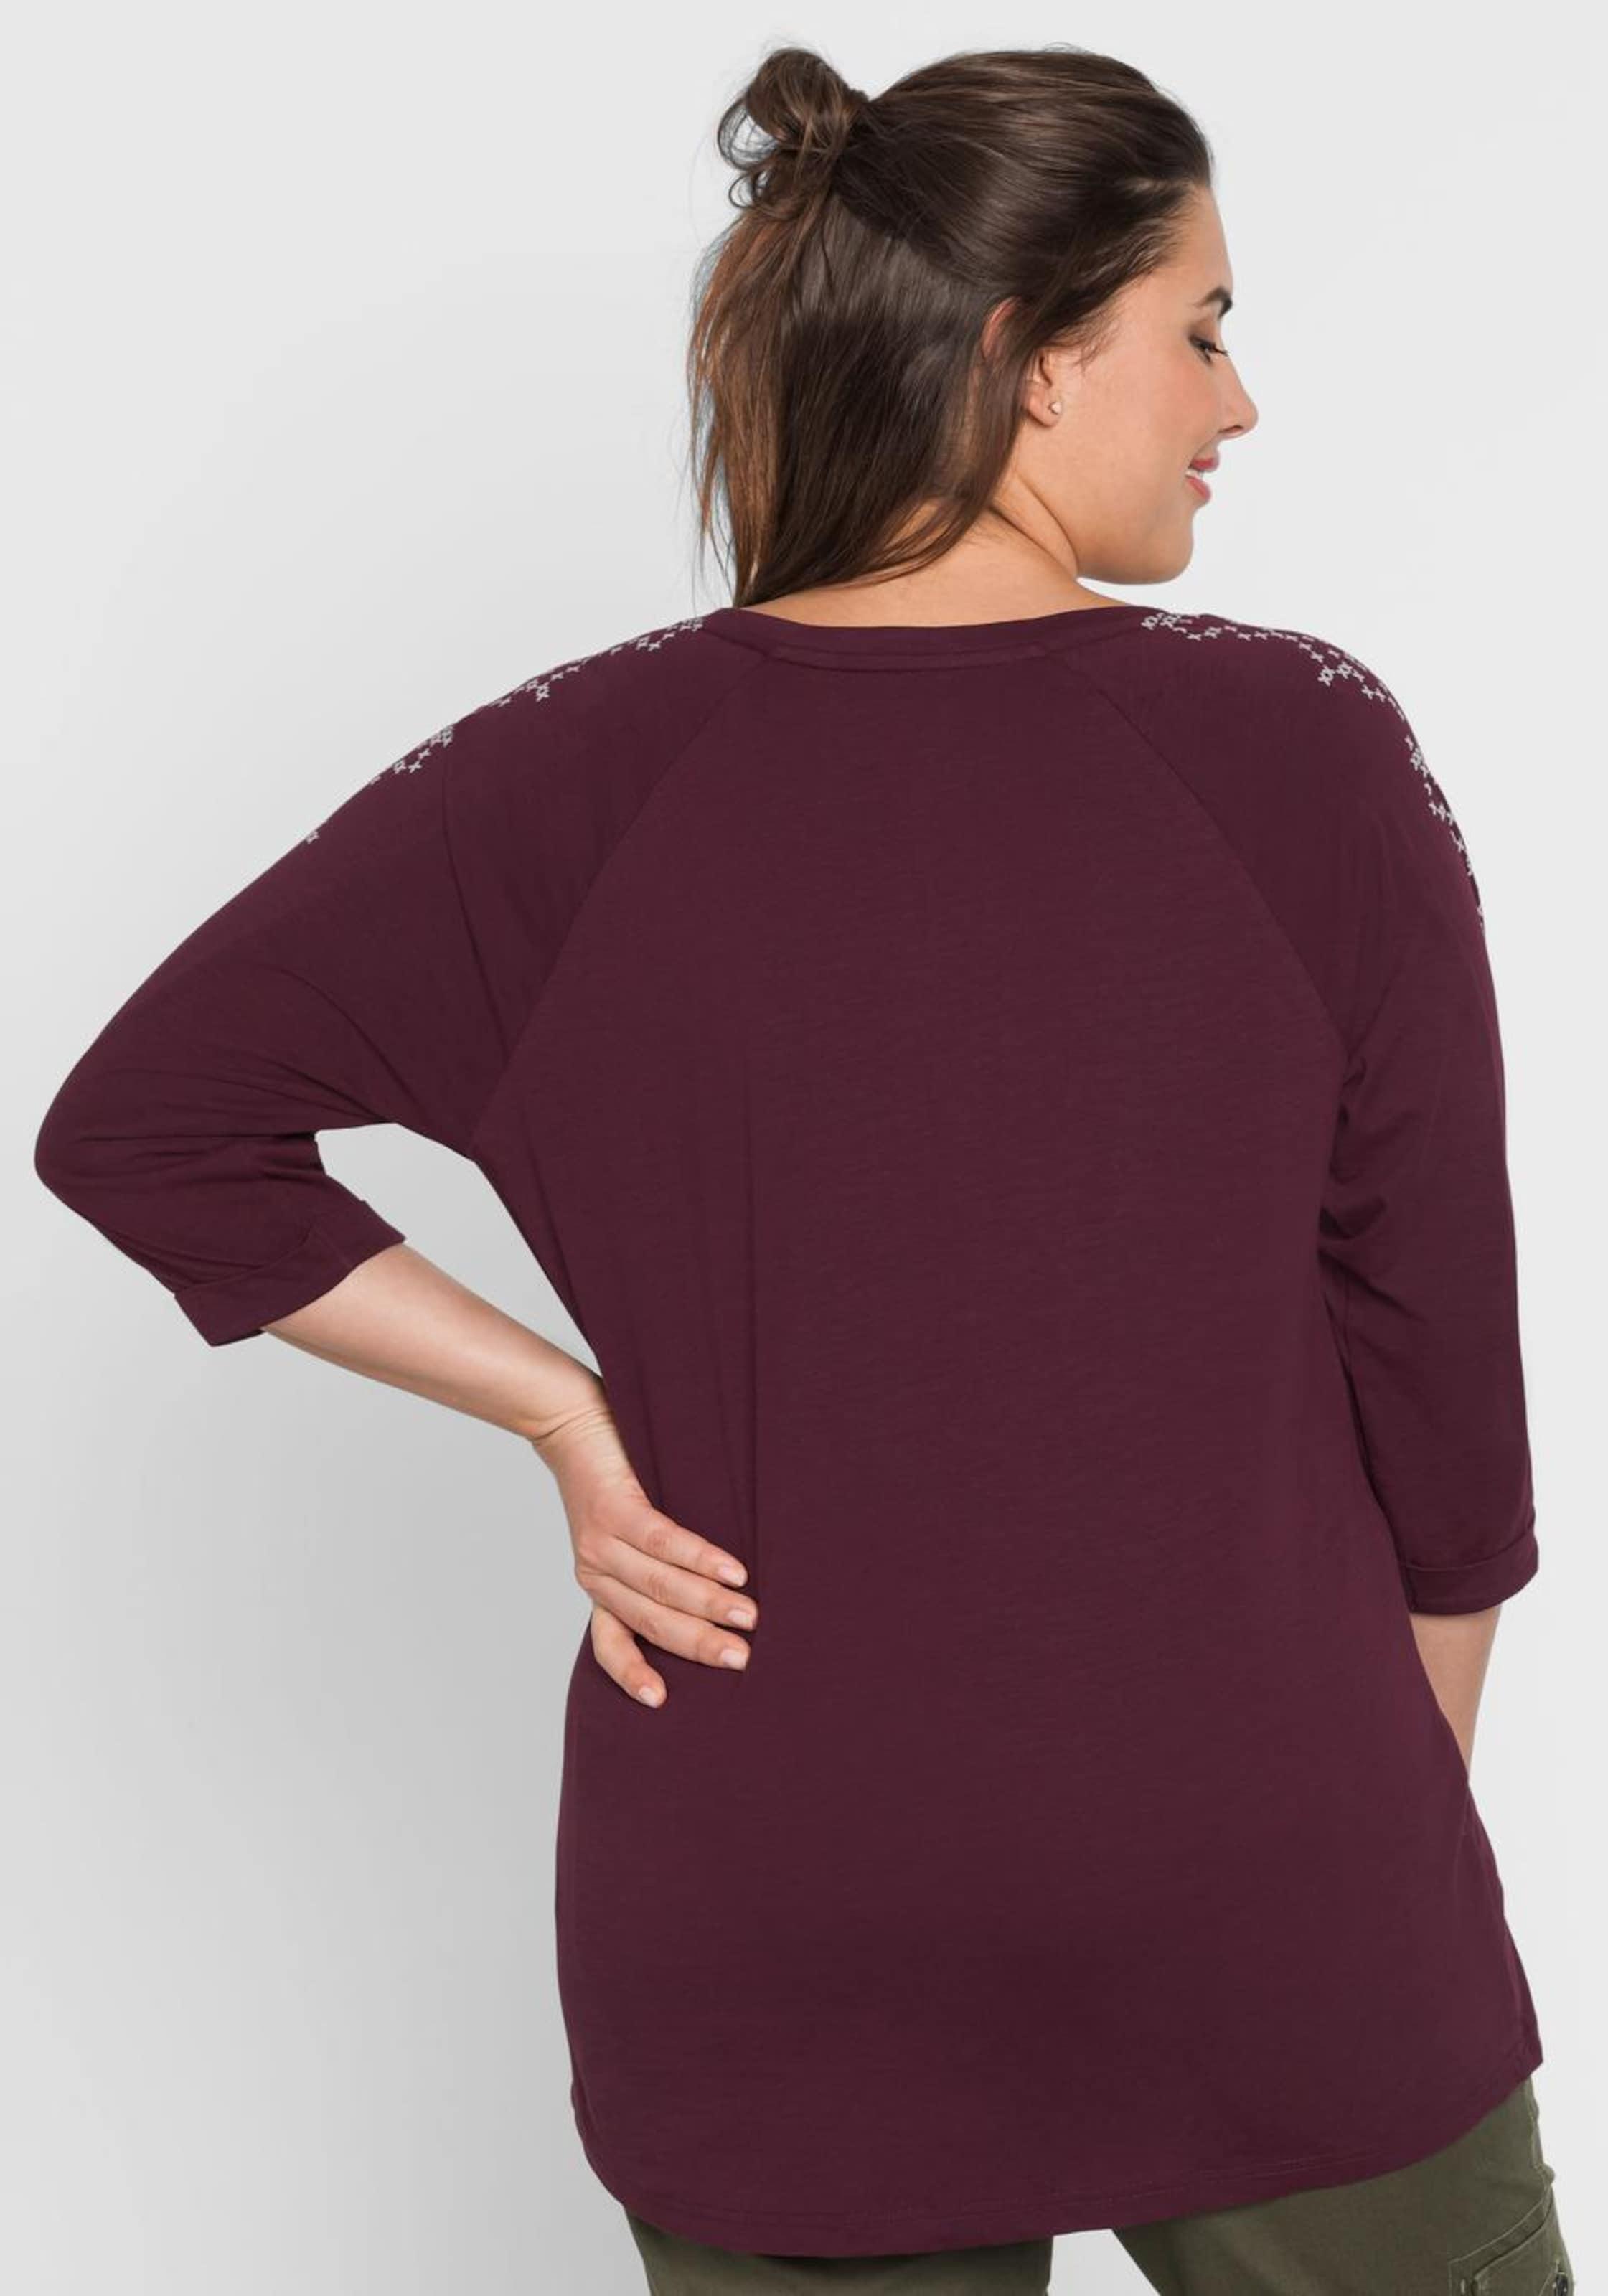 Shirt Sheego Aubergine Shirt Aubergine In Sheego In 5qAR4j3L